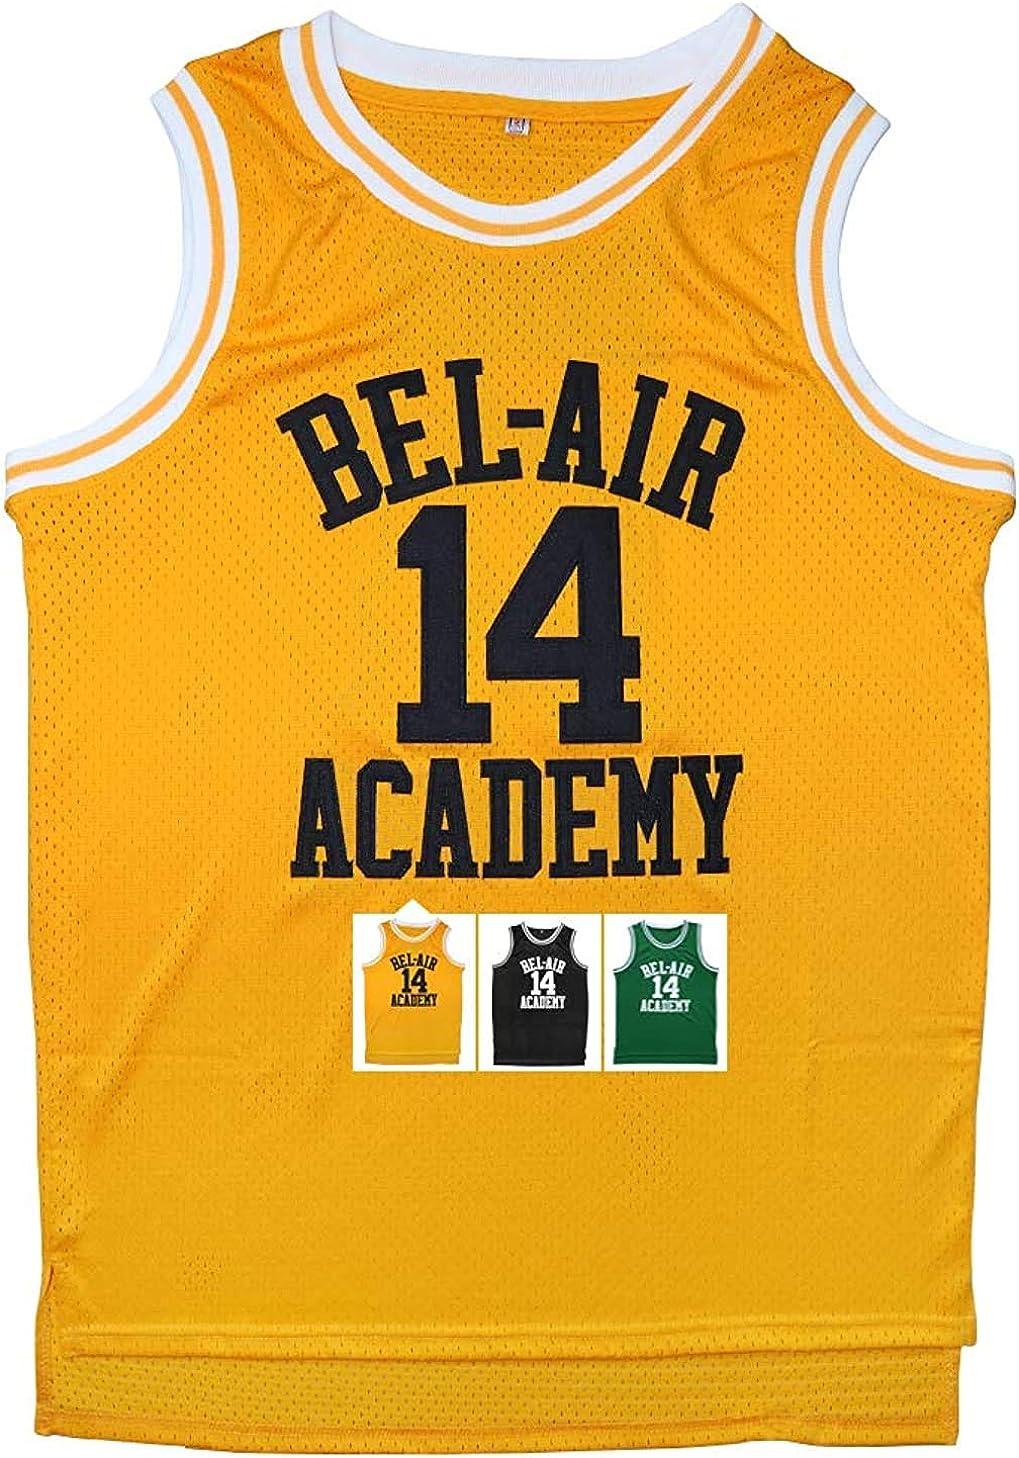 Eway 55% OFF Jersey OFFicial site #14 Basketball S-XXXL Jerseys